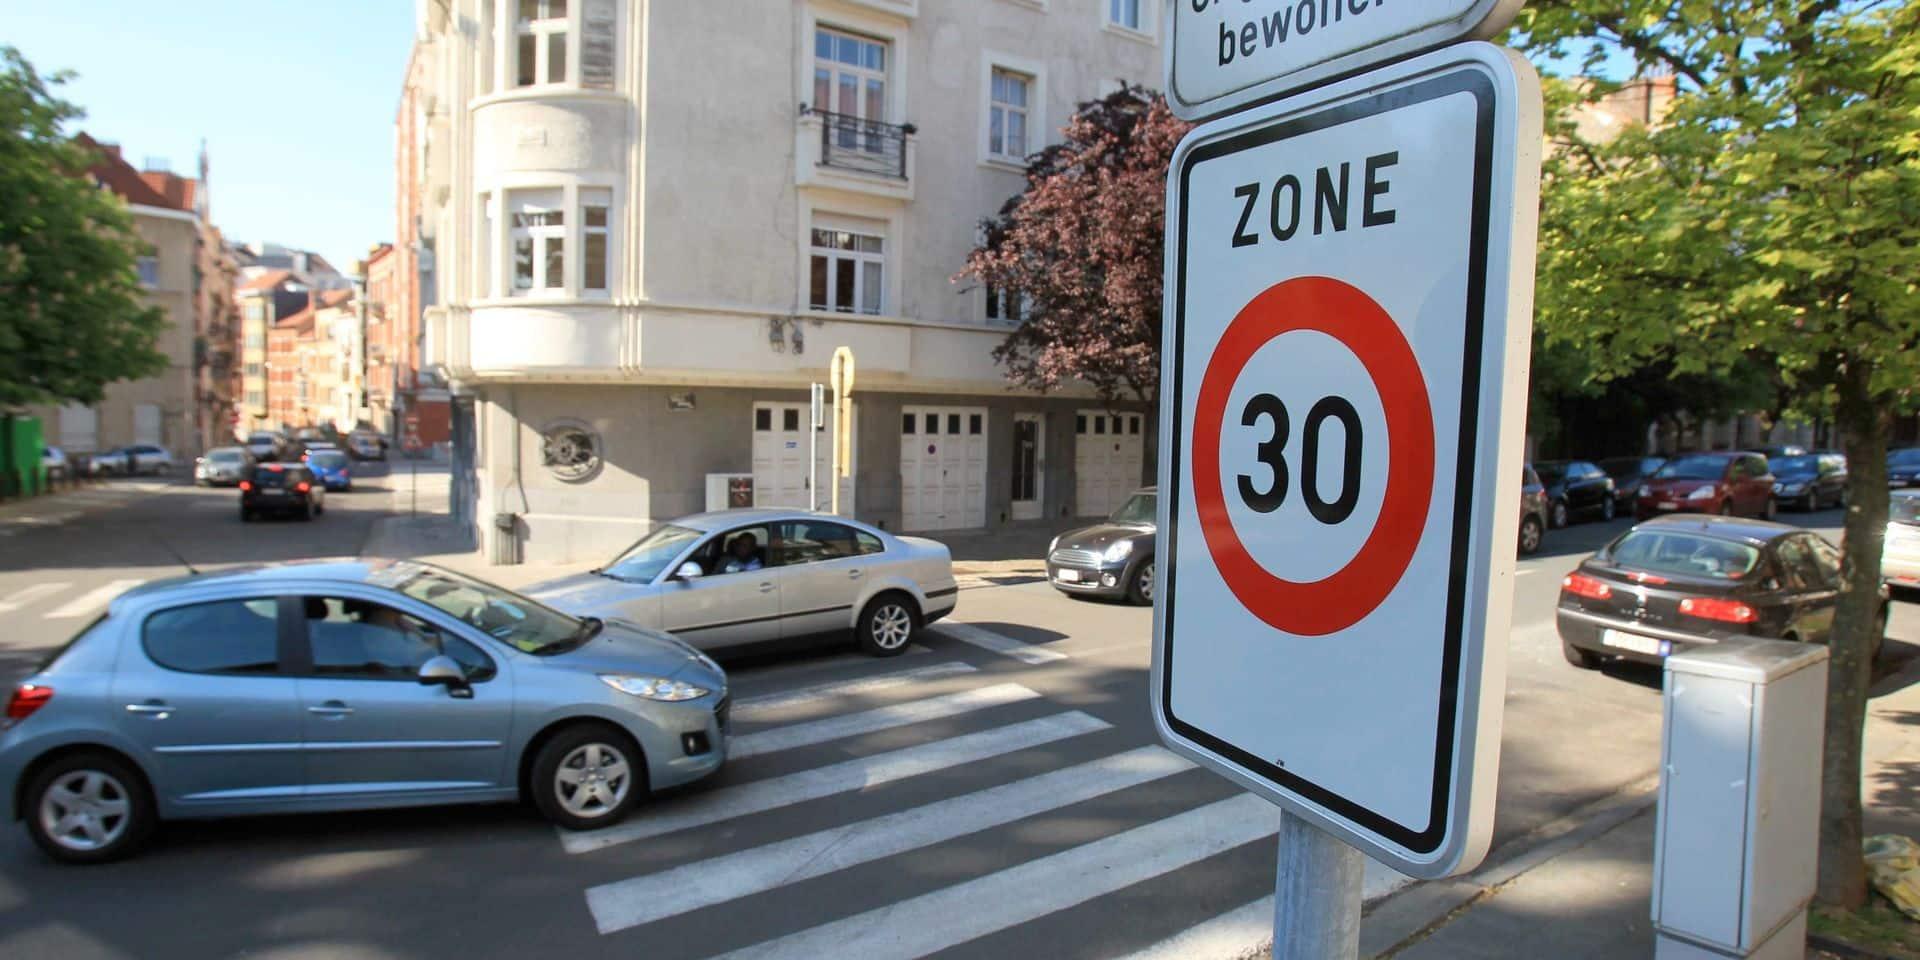 Bruxelles zone 30 en 2021, une mesure inspirée par Helsinki